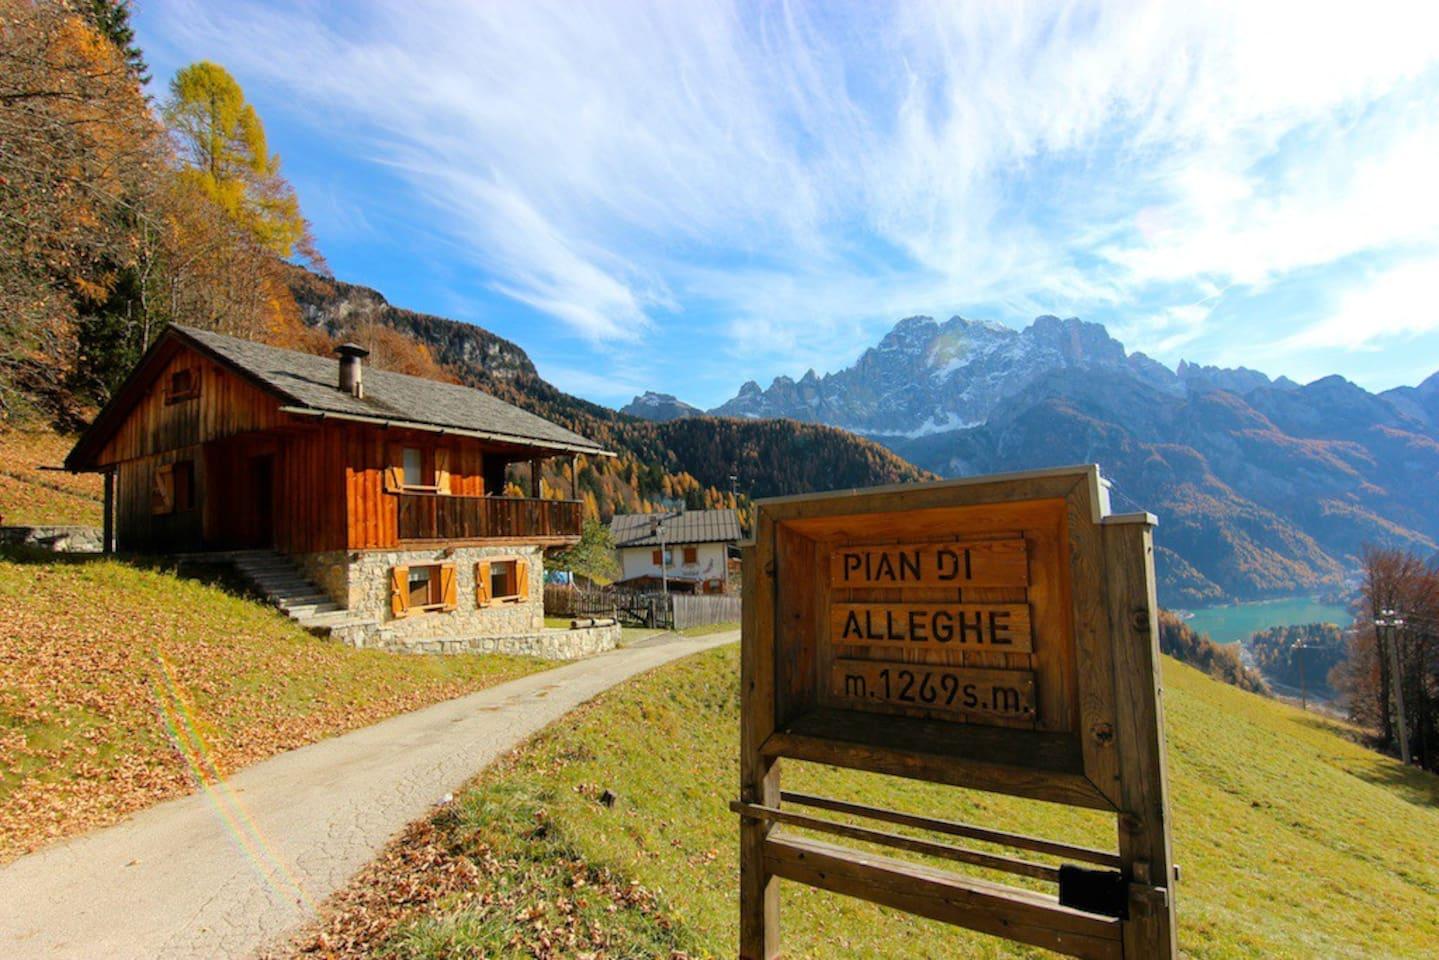 Top 20 Ferienwohnungen in Alleghe, Ferienhäuser, Unterkünfte ...